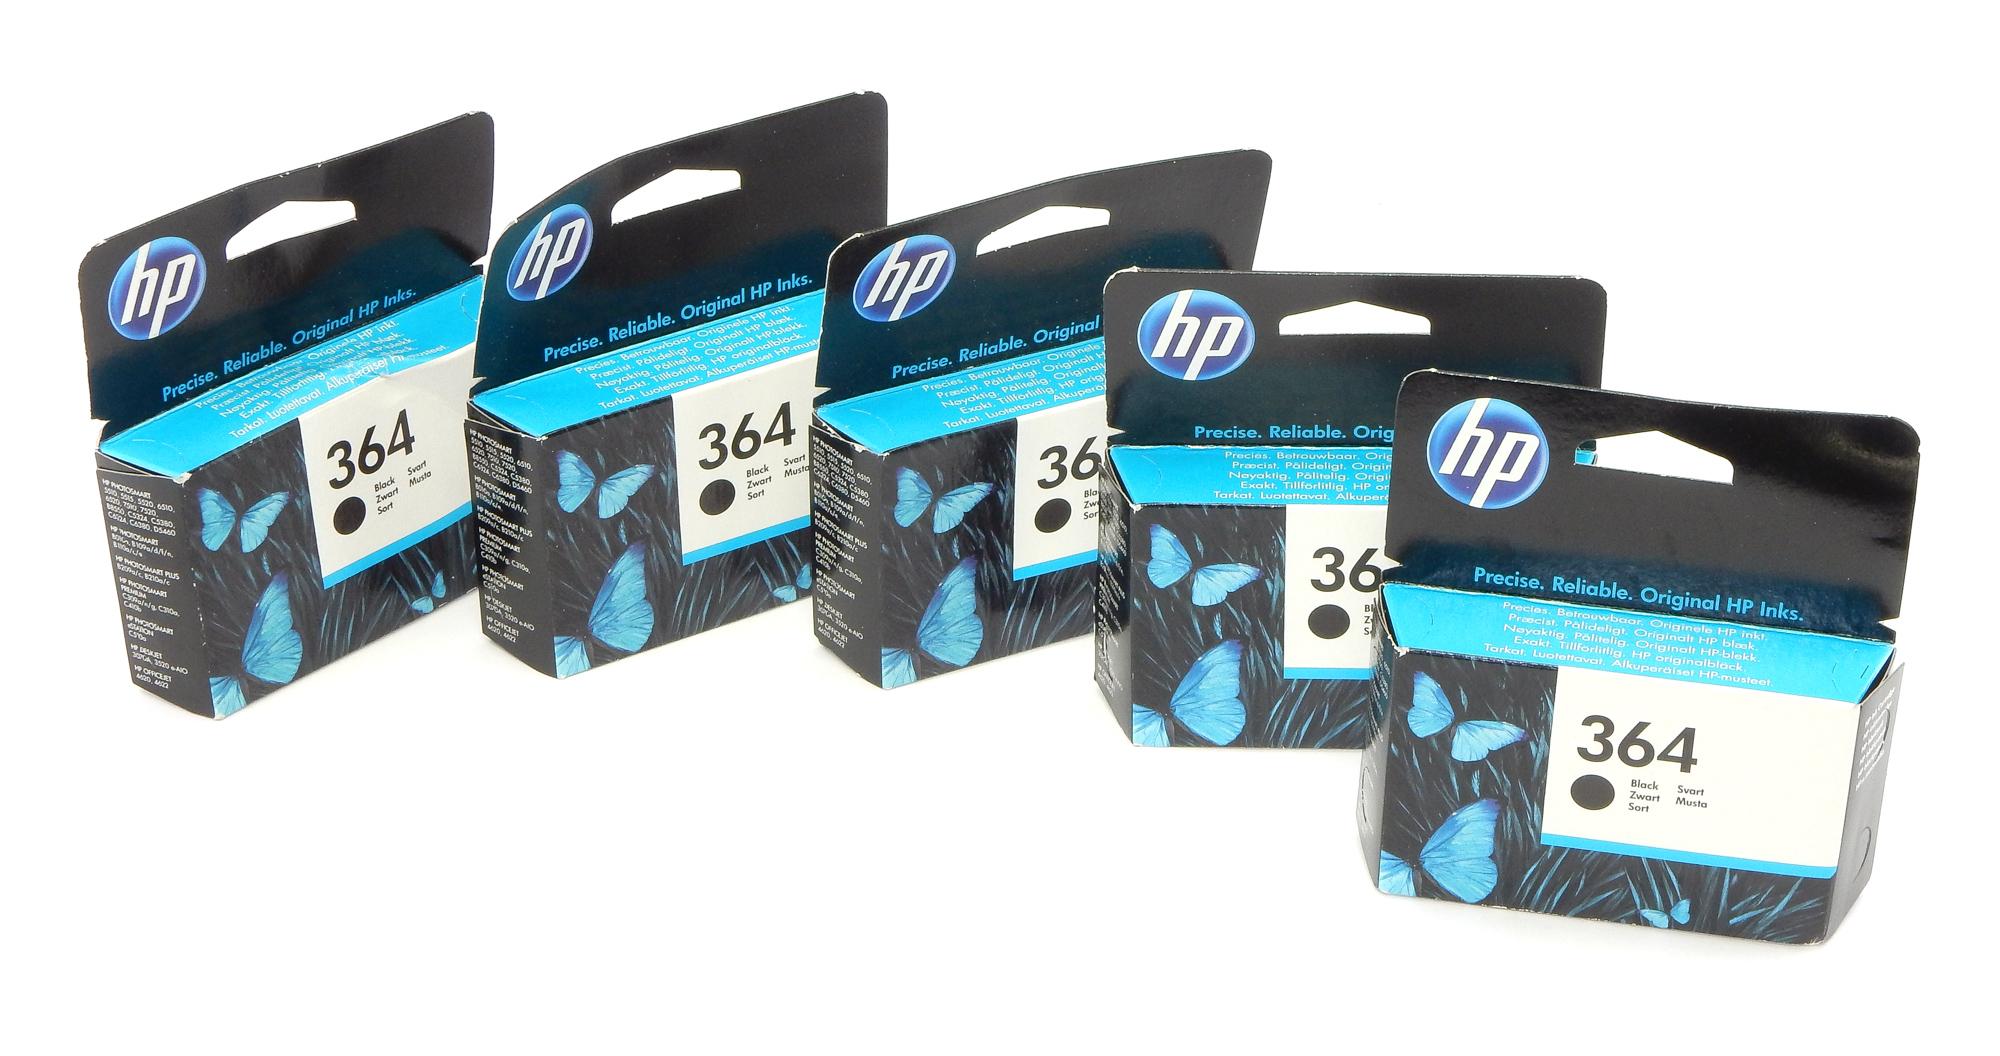 5x Genuine HP CB316EE 364 Black Ink Cartridge - Expired